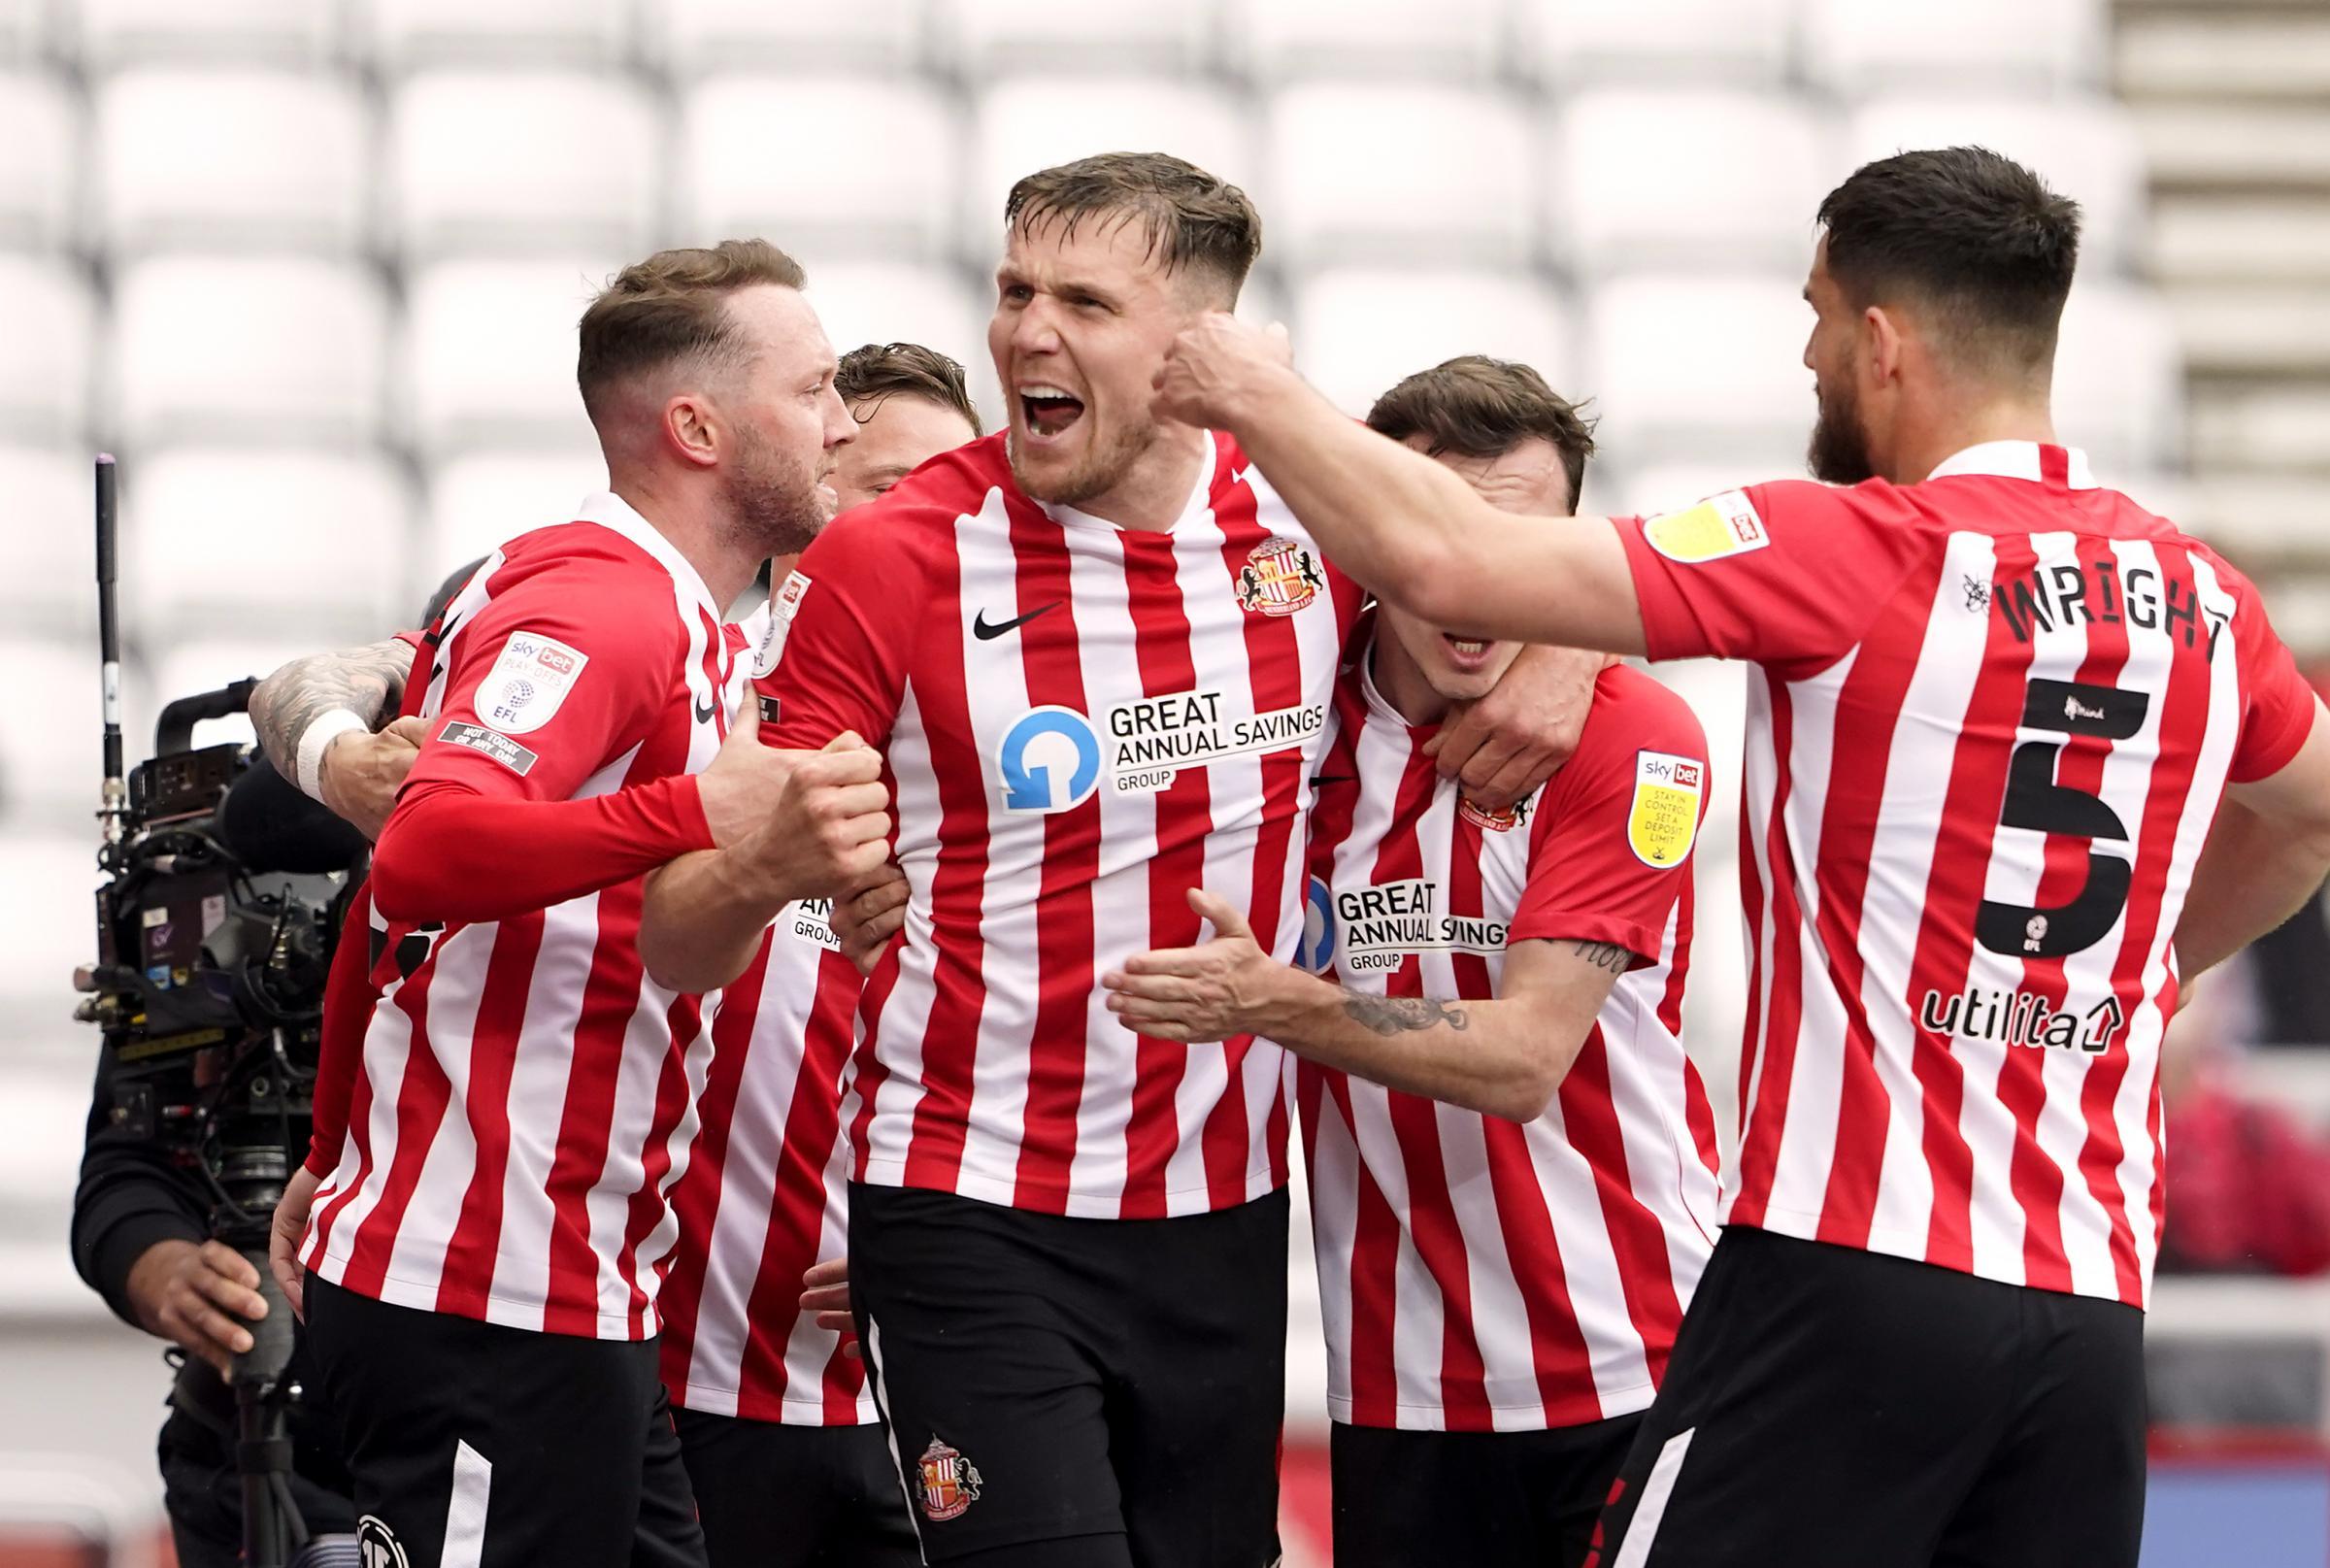 Celtic striker target Charlie Wyke fuels transfer links with Sunderland farewell